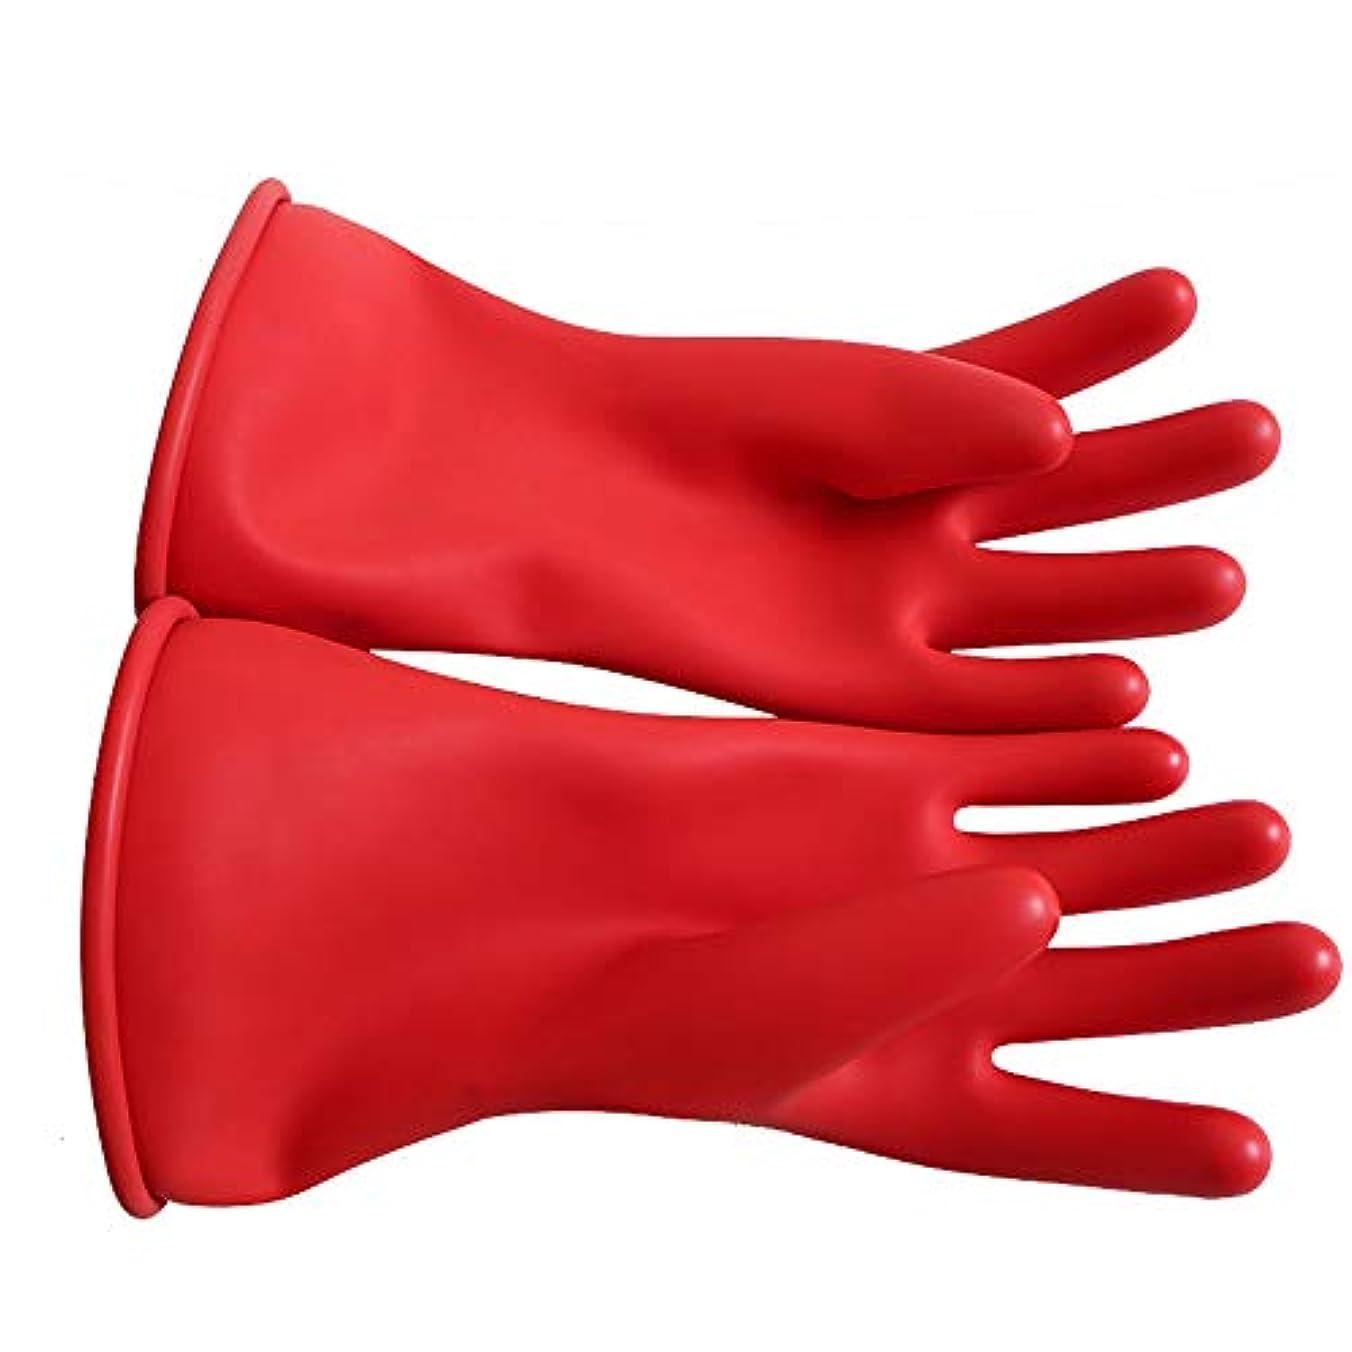 凝視学期セブン絶縁手袋 12kv 絶縁グローブ(薄手タイプ)31cm電気絶縁 ゴム手袋 使いやすい 滑り止めデザイン、耐摩耗タイプ、電気工事労働保険安全メンテナンス電気技師特別手袋